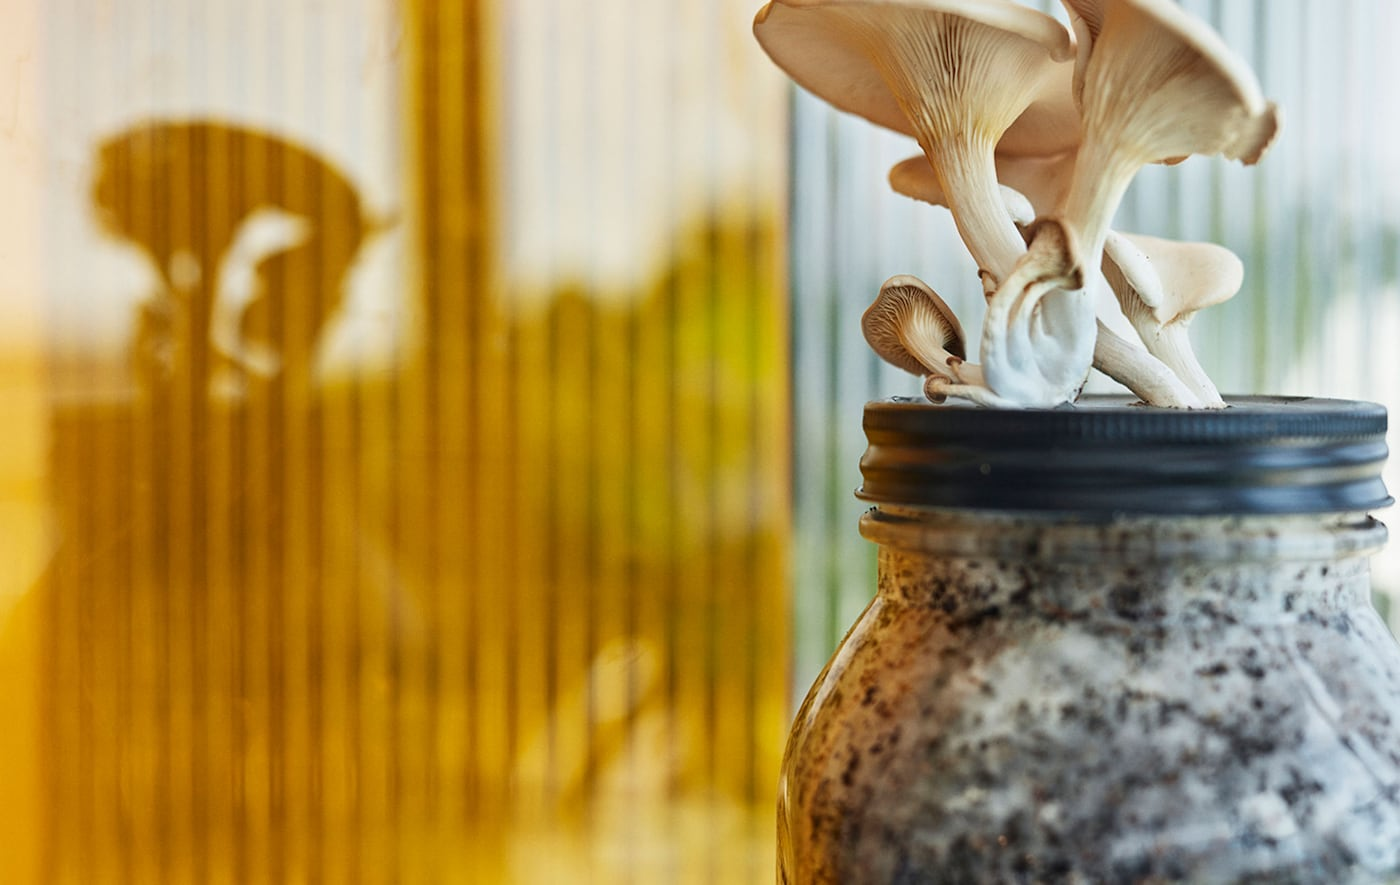 一簇蘑菇穿过玻璃罐的盖子发出嫩芽,罐子里满是菌丝和咖啡渣。